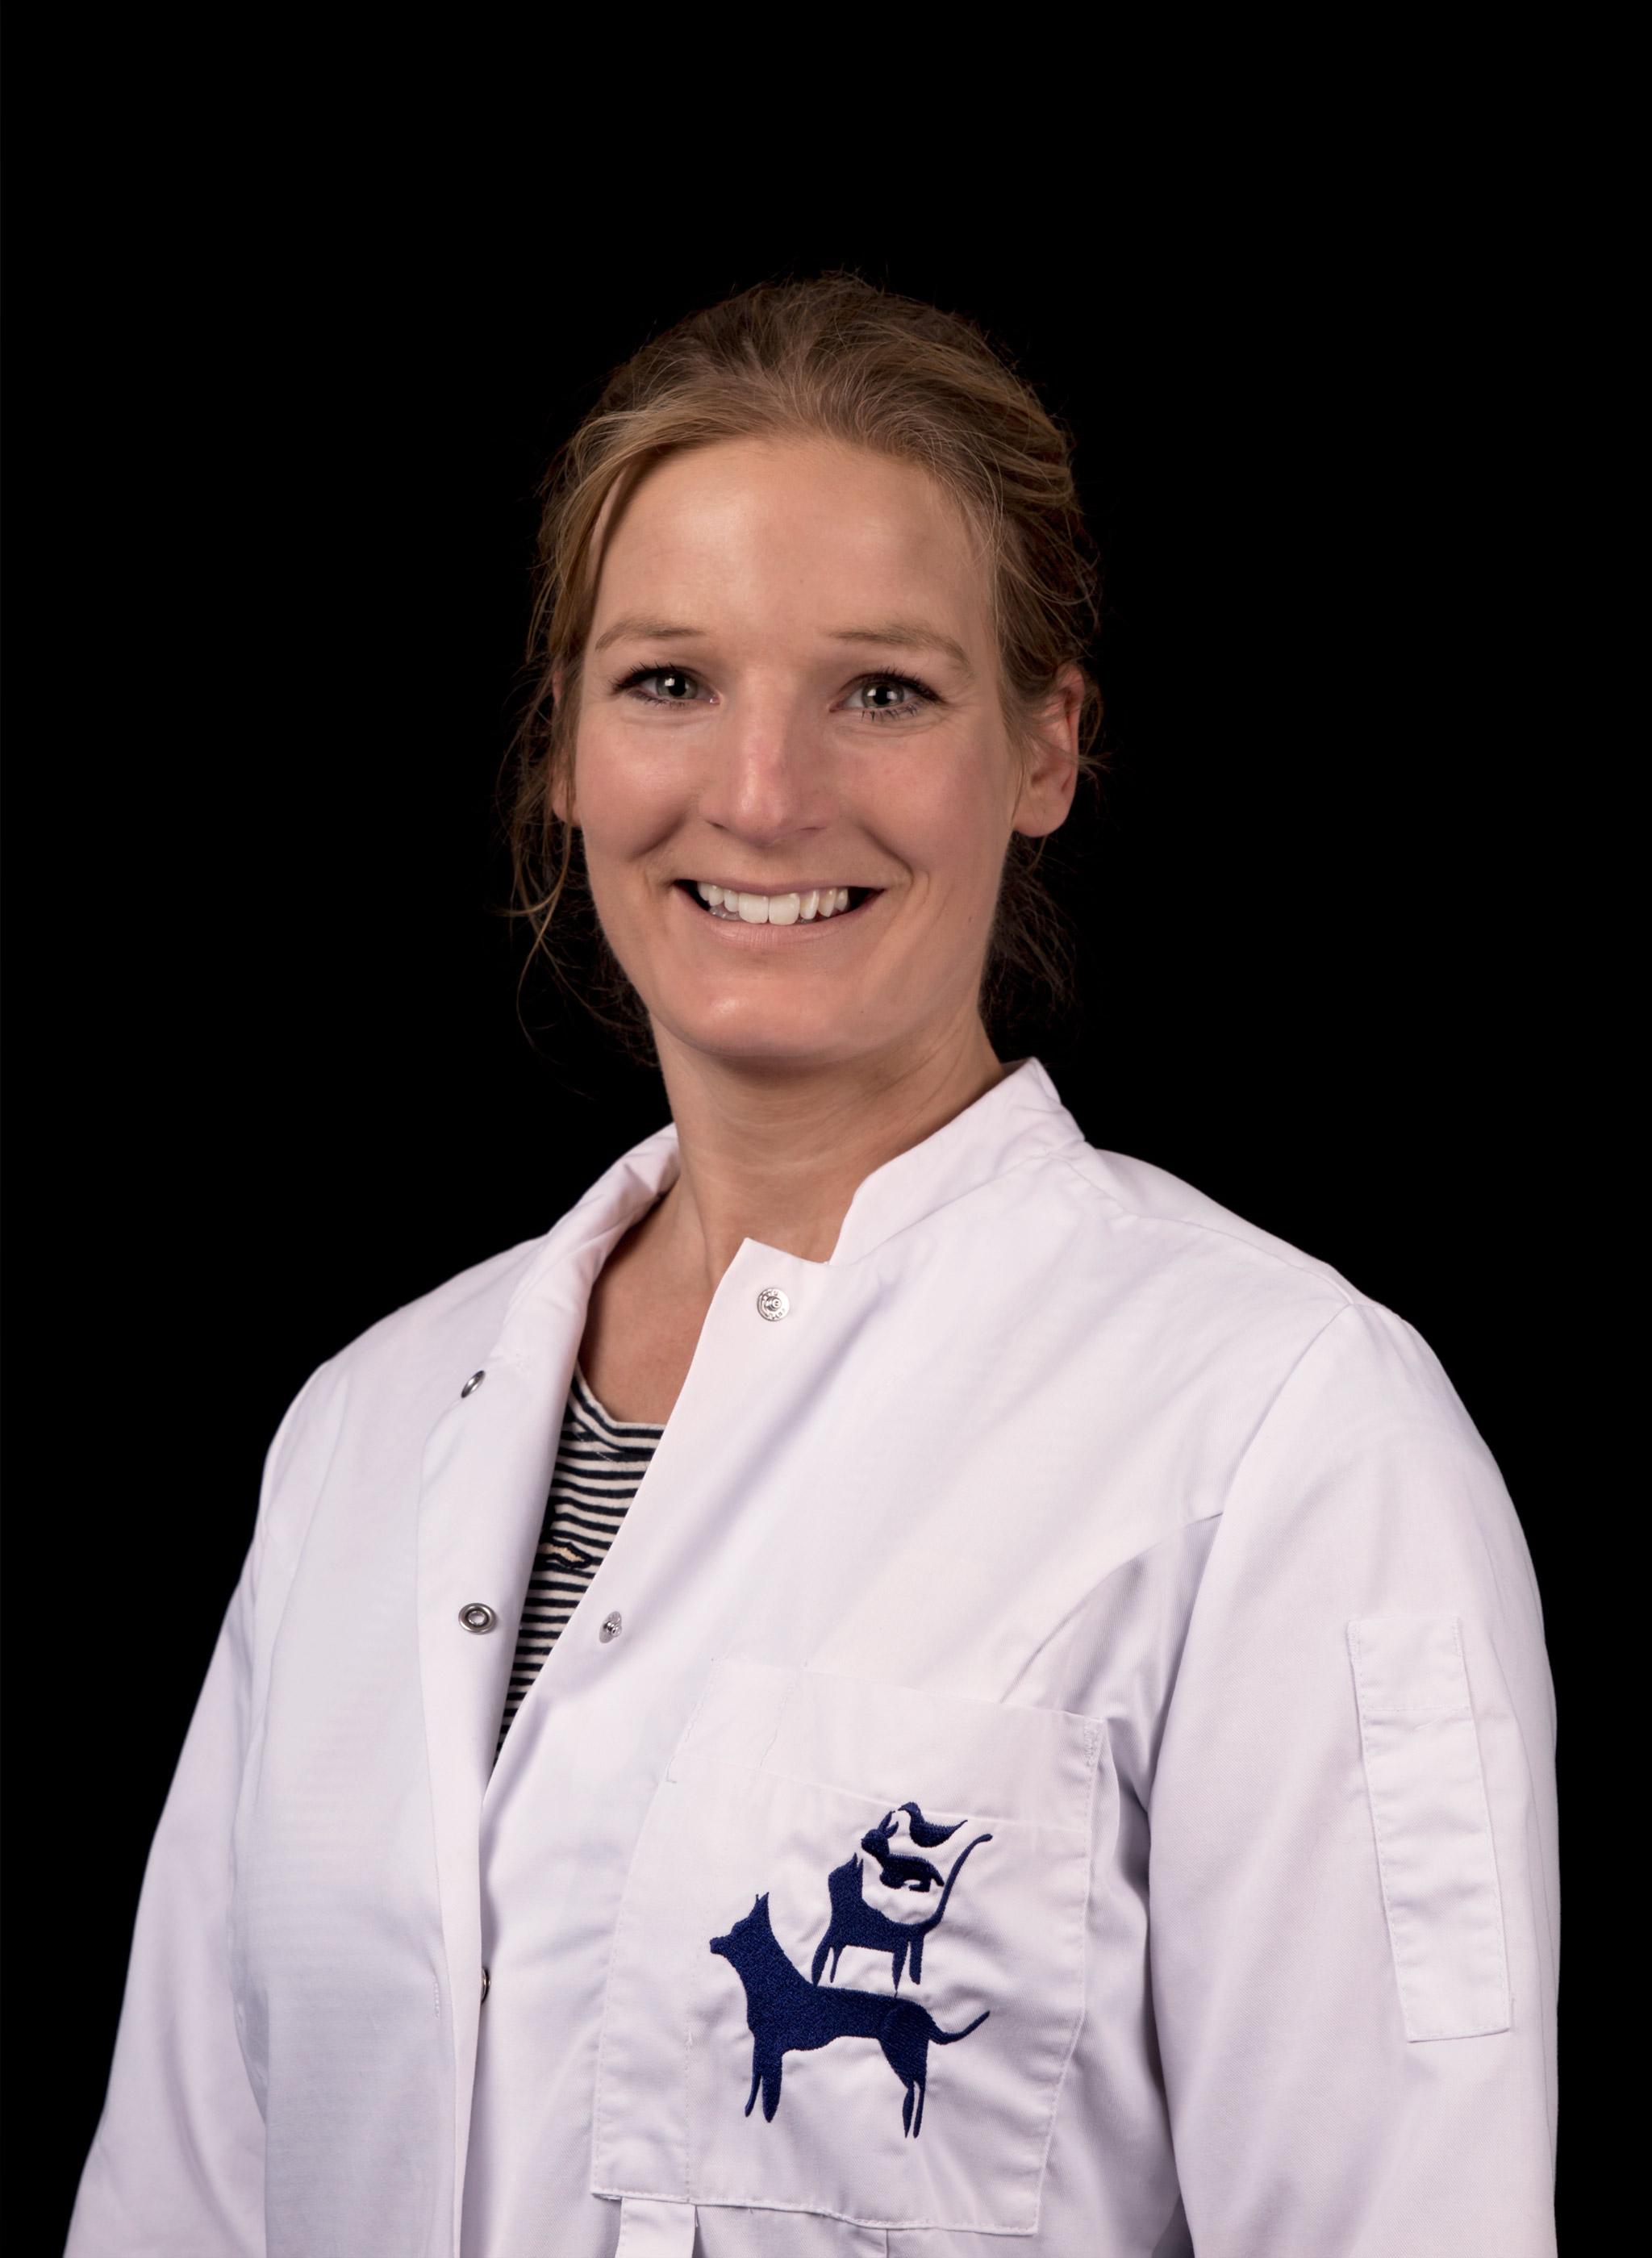 Gwen Huikeshoven